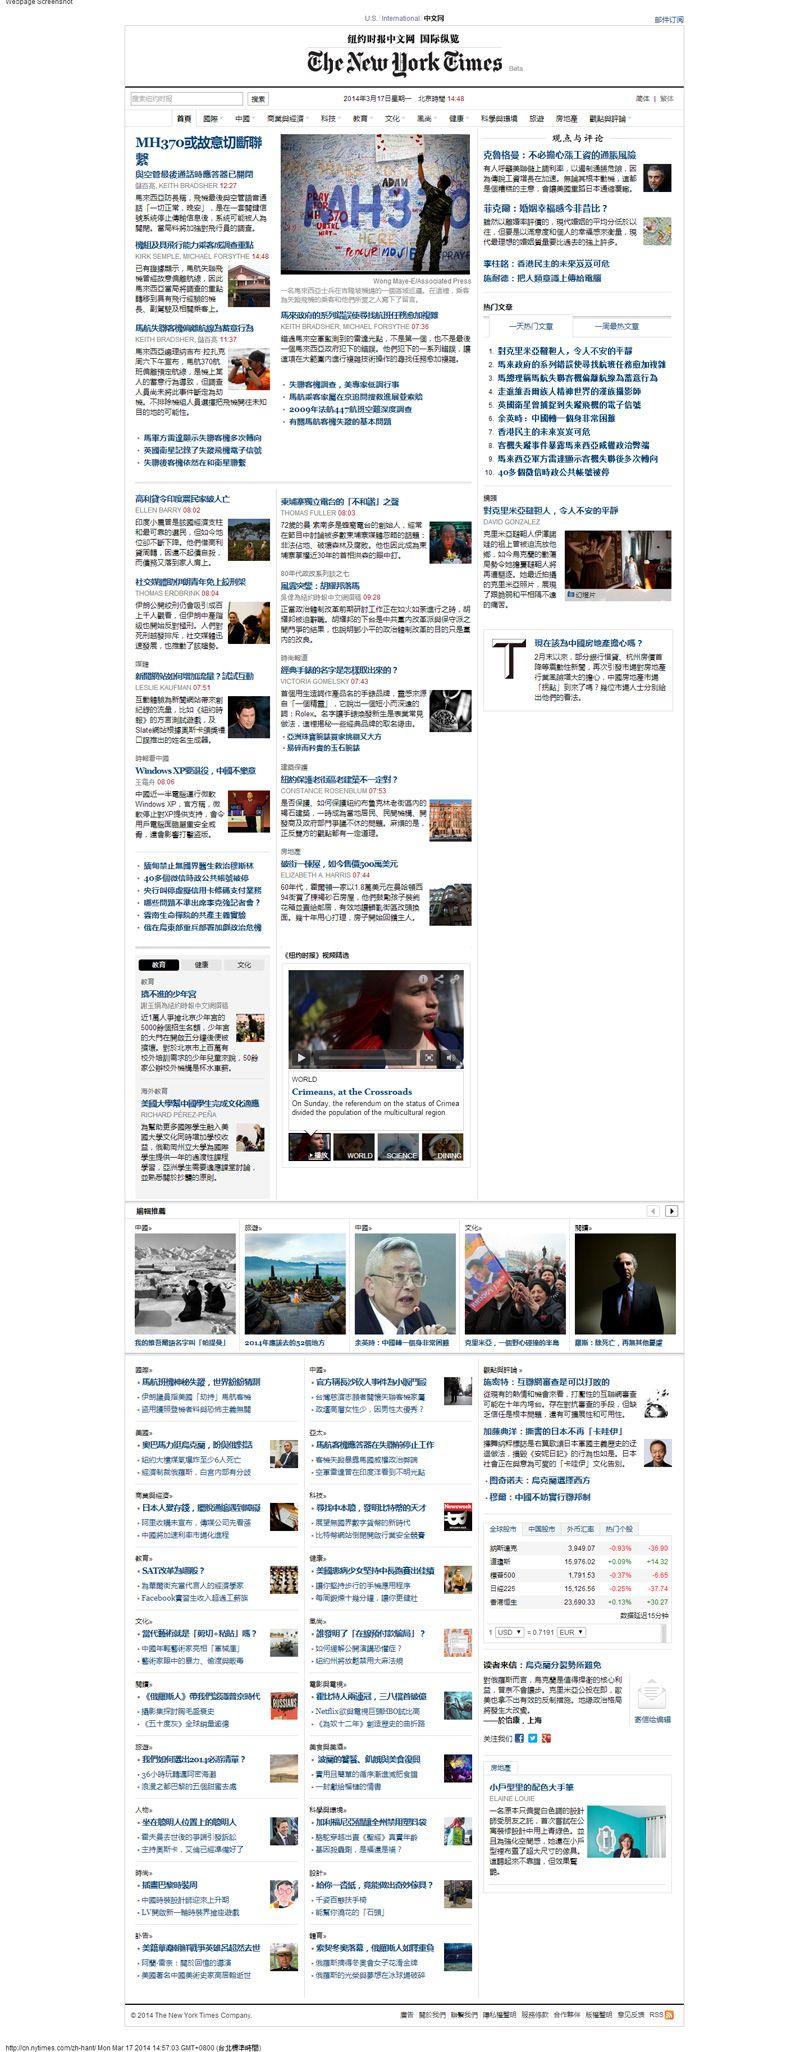 紐約時報中文網, 2014.03   Website ads, Website